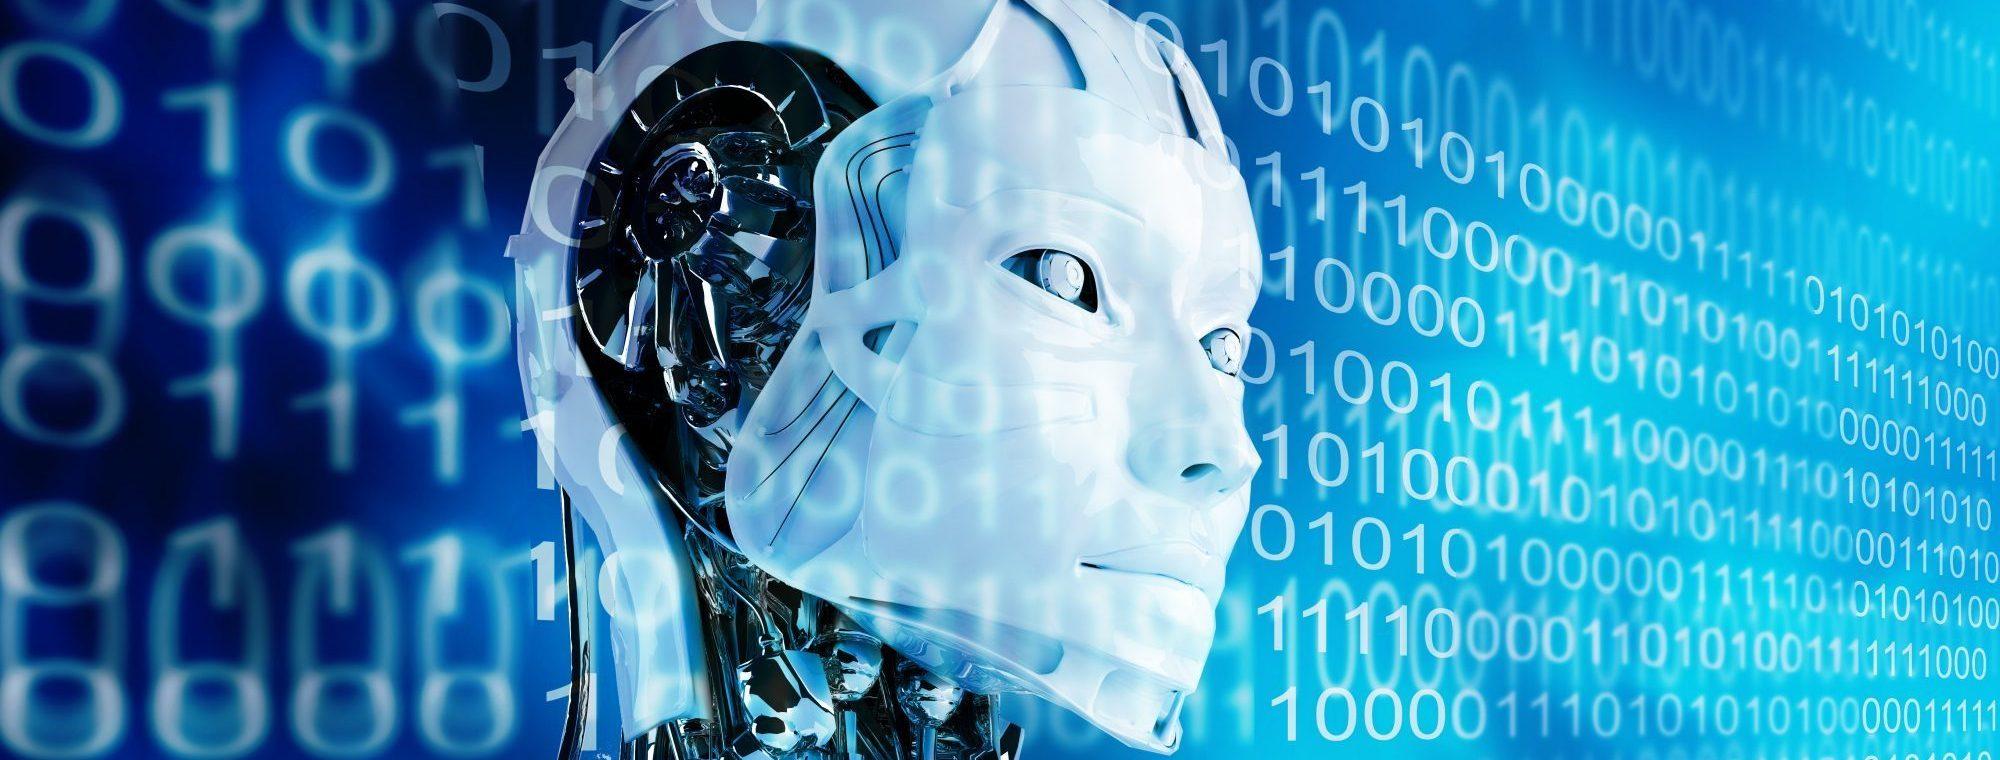 Best Robot Science Fiction